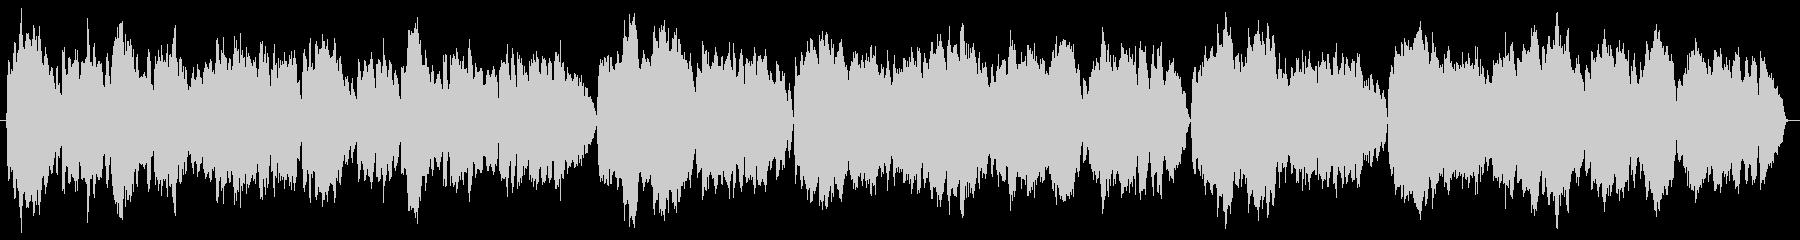 【バッハ】G線上のアリア(金管五重奏)の未再生の波形